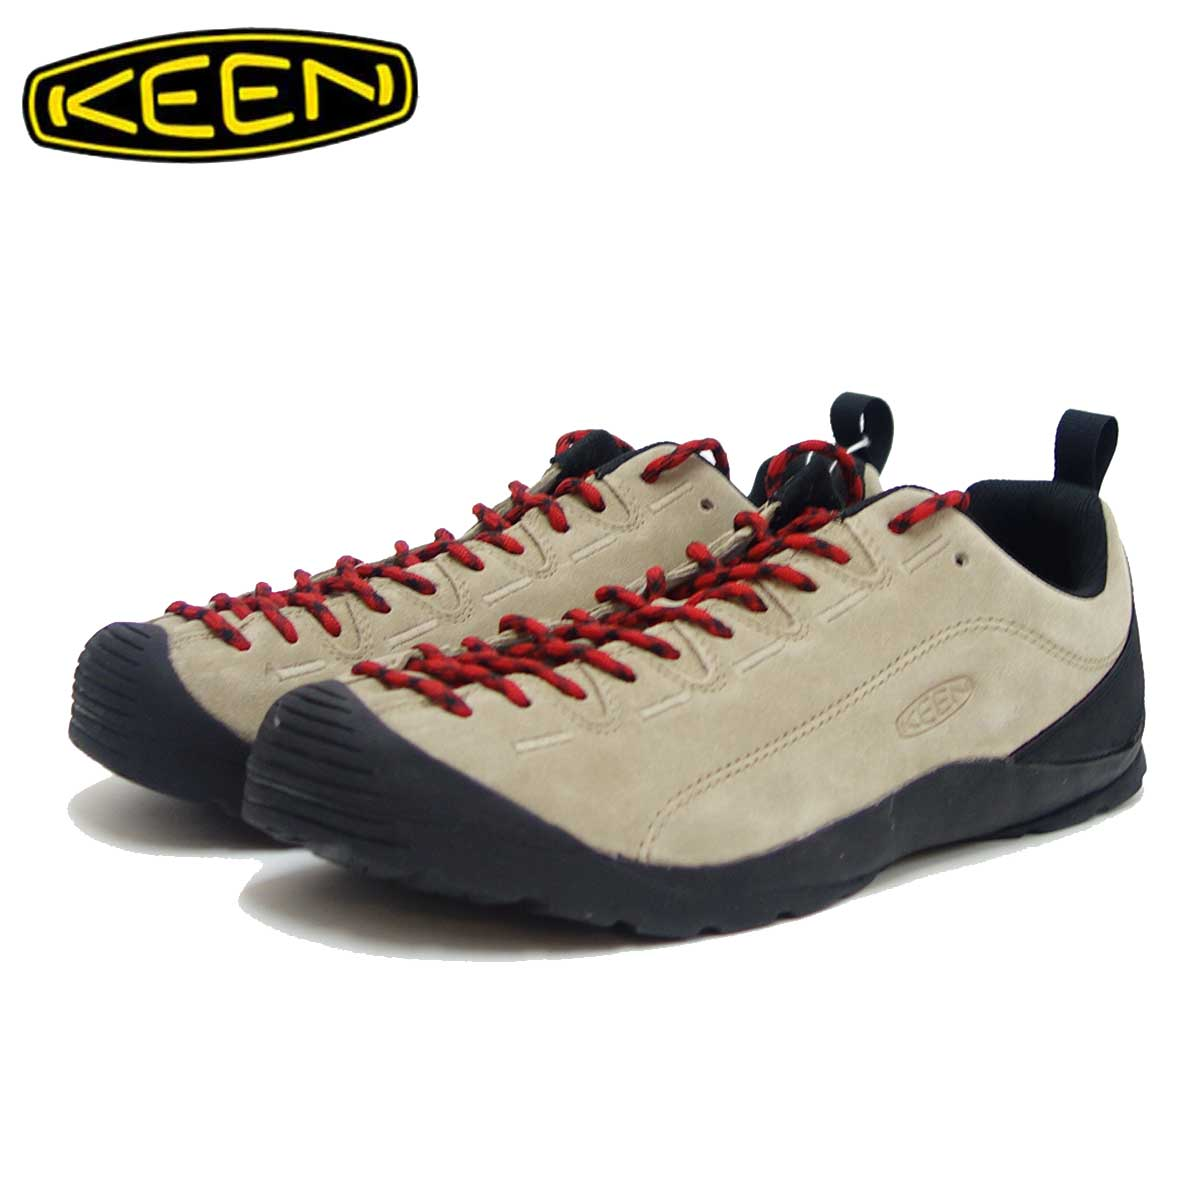 キーン KEEN JASPER ジャスパー 1002672(メンズ)カラー:SILVER MINK コンフォートラストのクライミングデザイン 「靴」